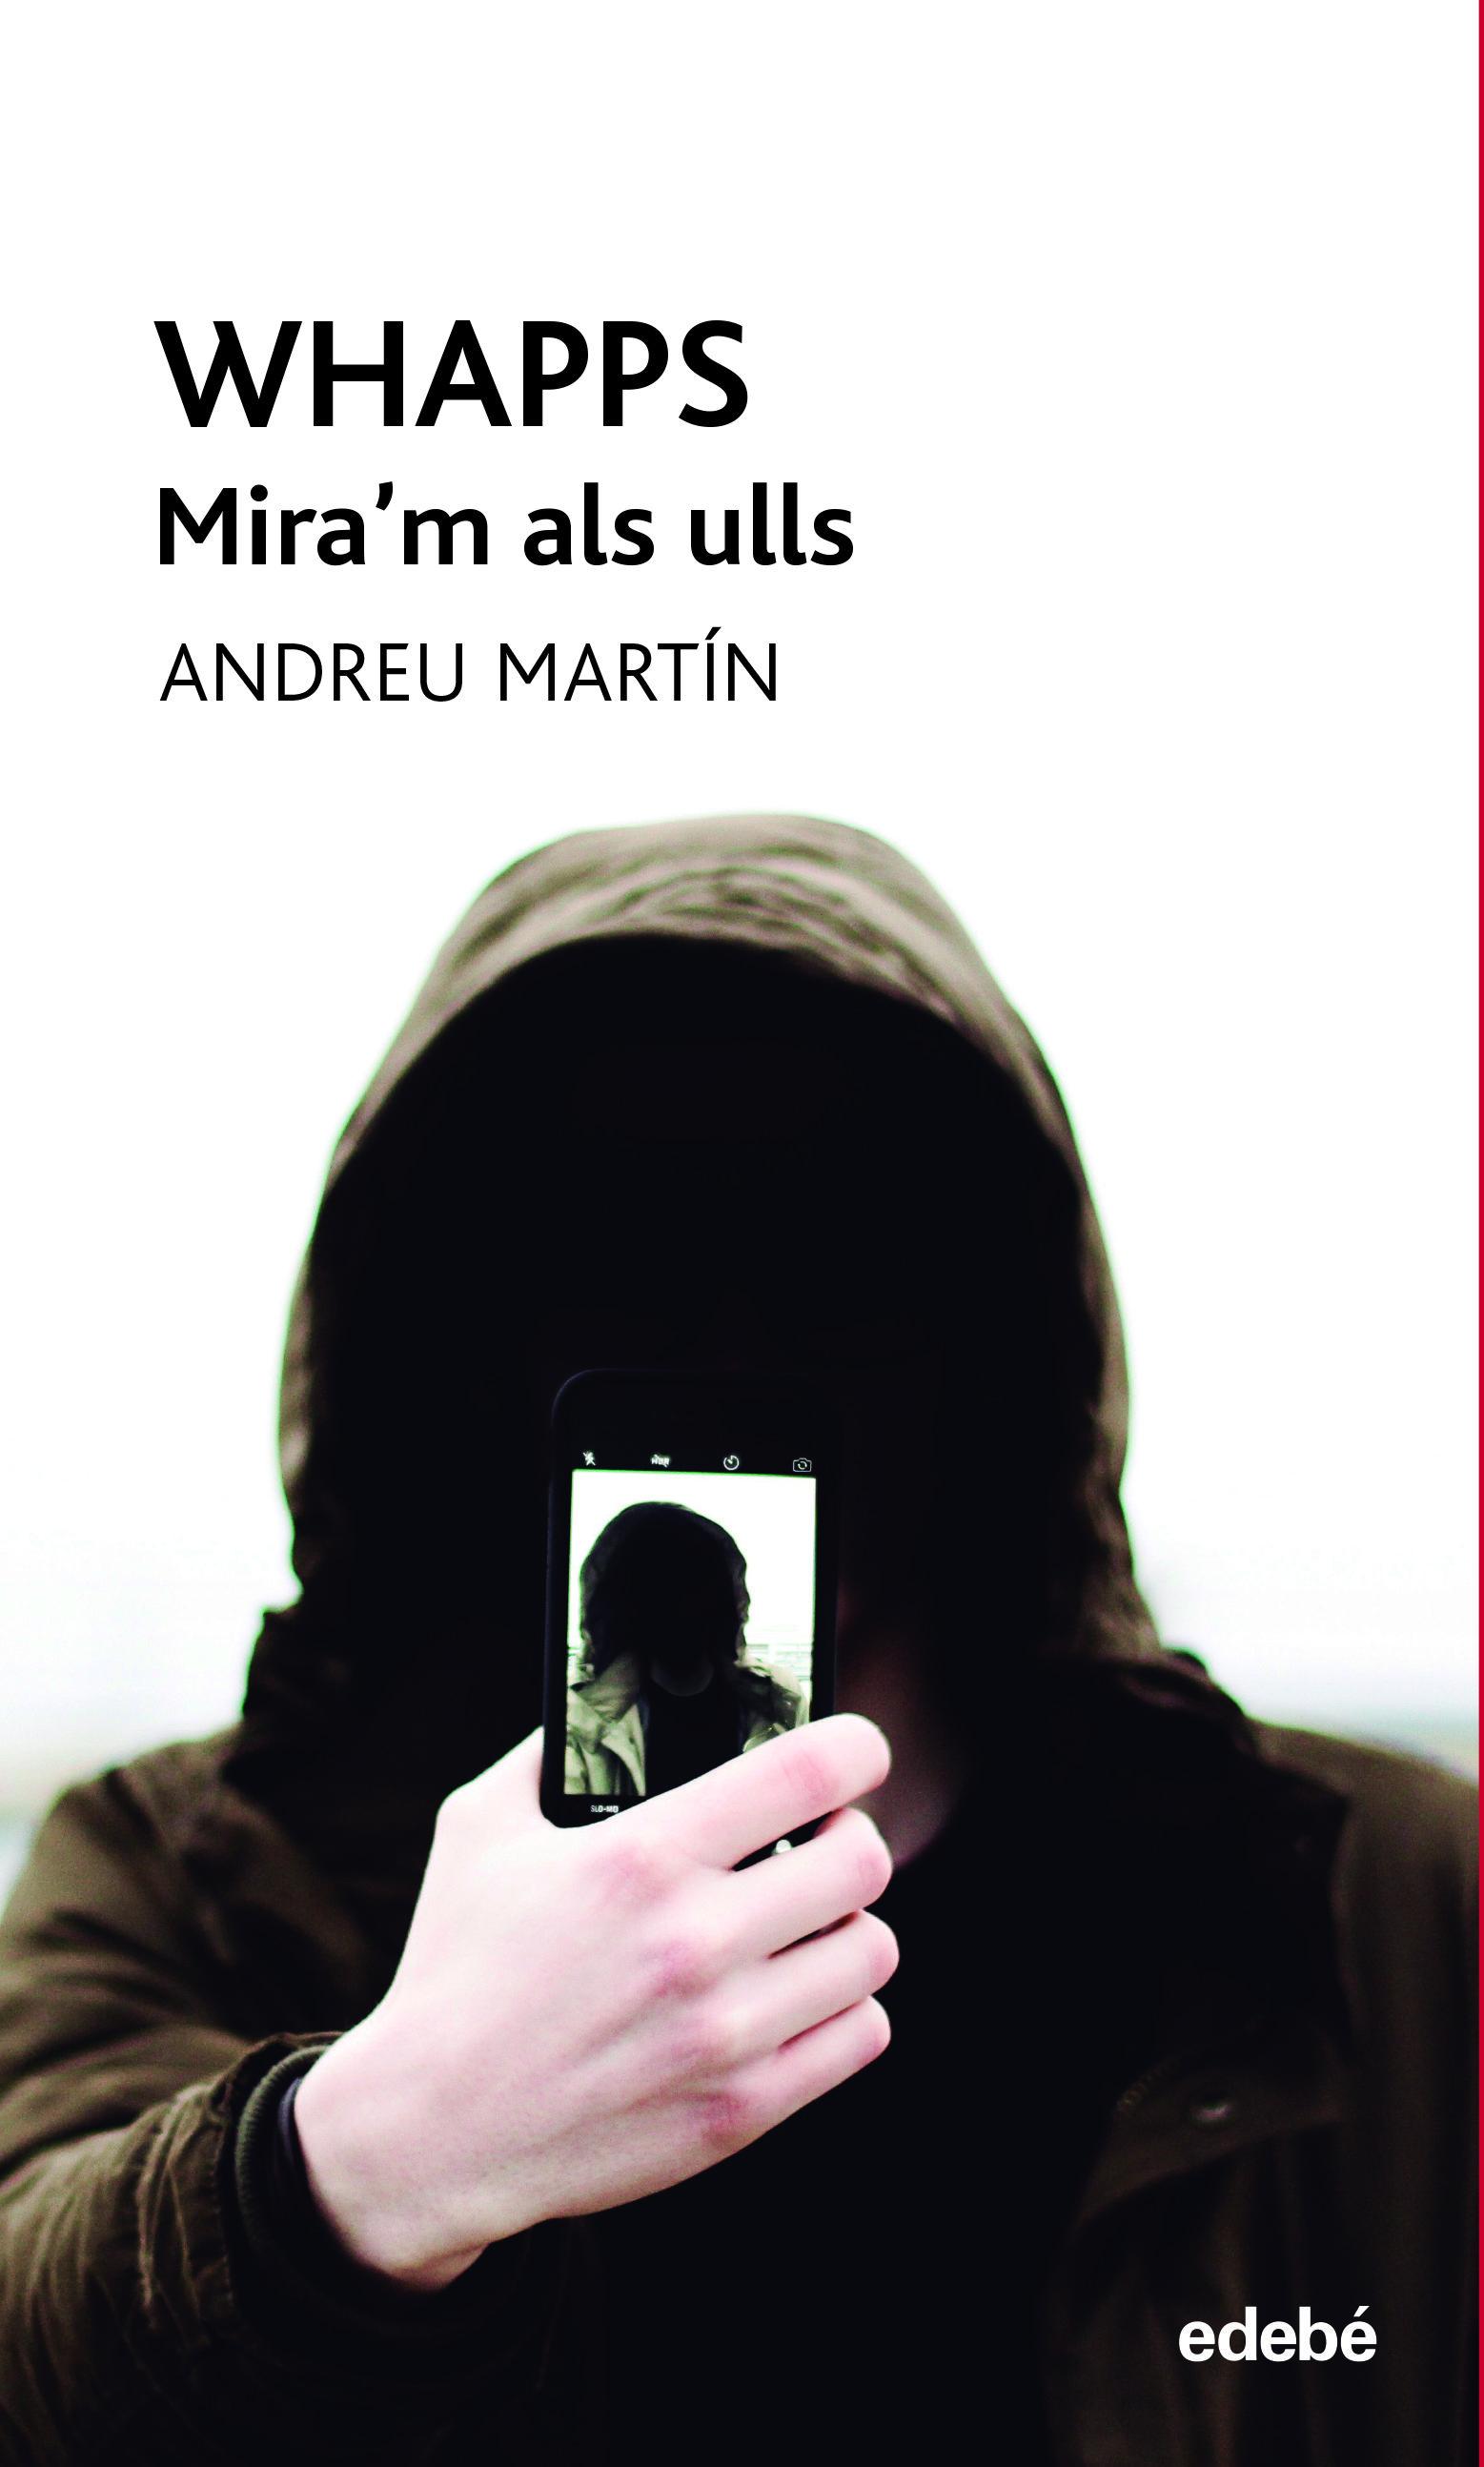 WHAPPS MIRA?M ALS ULLS